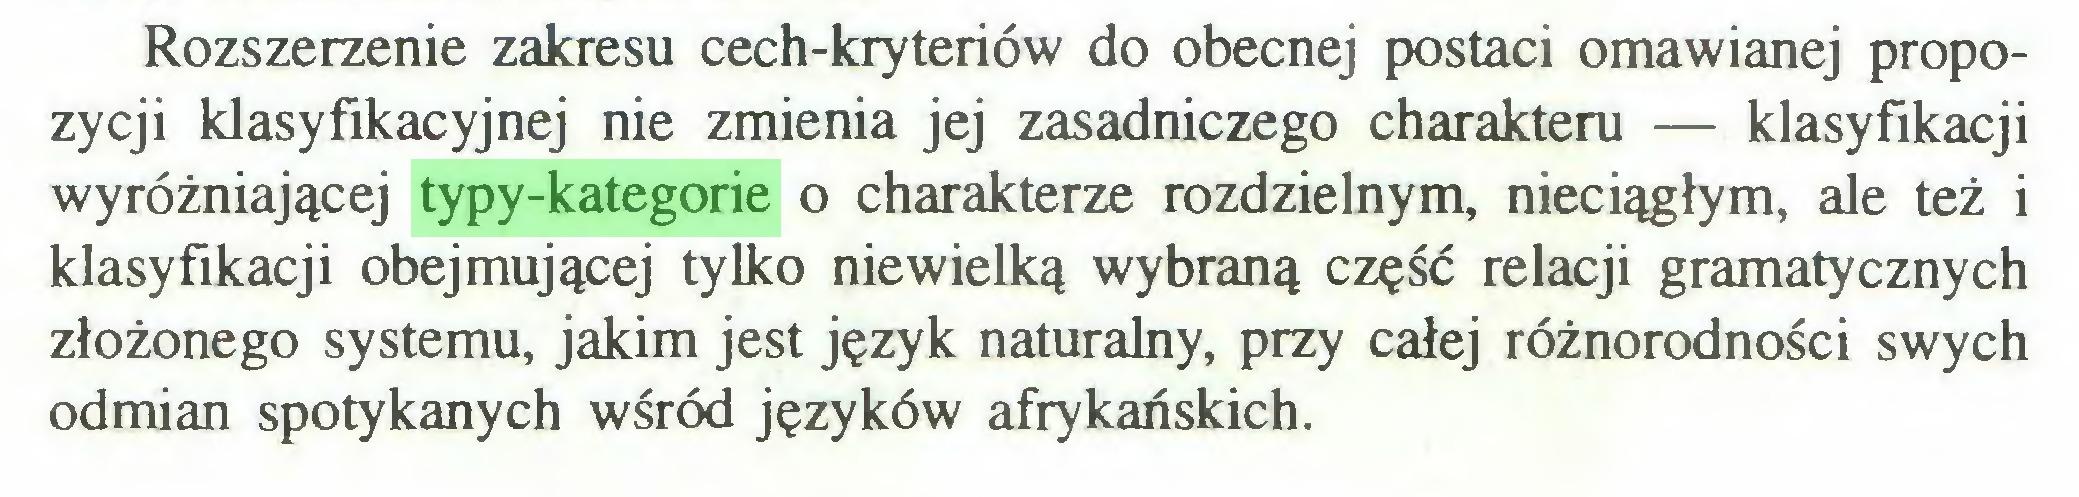 (...) Rozszerzenie zakresu cech-kryteriów do obecnej postaci omawianej propozycji klasyfikacyjnej nie zmienia jej zasadniczego charakteru — klasyfikacji wyróżniającej typy-kategorie o charakterze rozdzielnym, nieciągłym, ale też i klasyfikacji obejmującej tylko niewielką wybraną część relacji gramatycznych złożonego systemu, jakim jest język naturalny, przy całej różnorodności swych odmian spotykanych wśród języków afrykańskich...